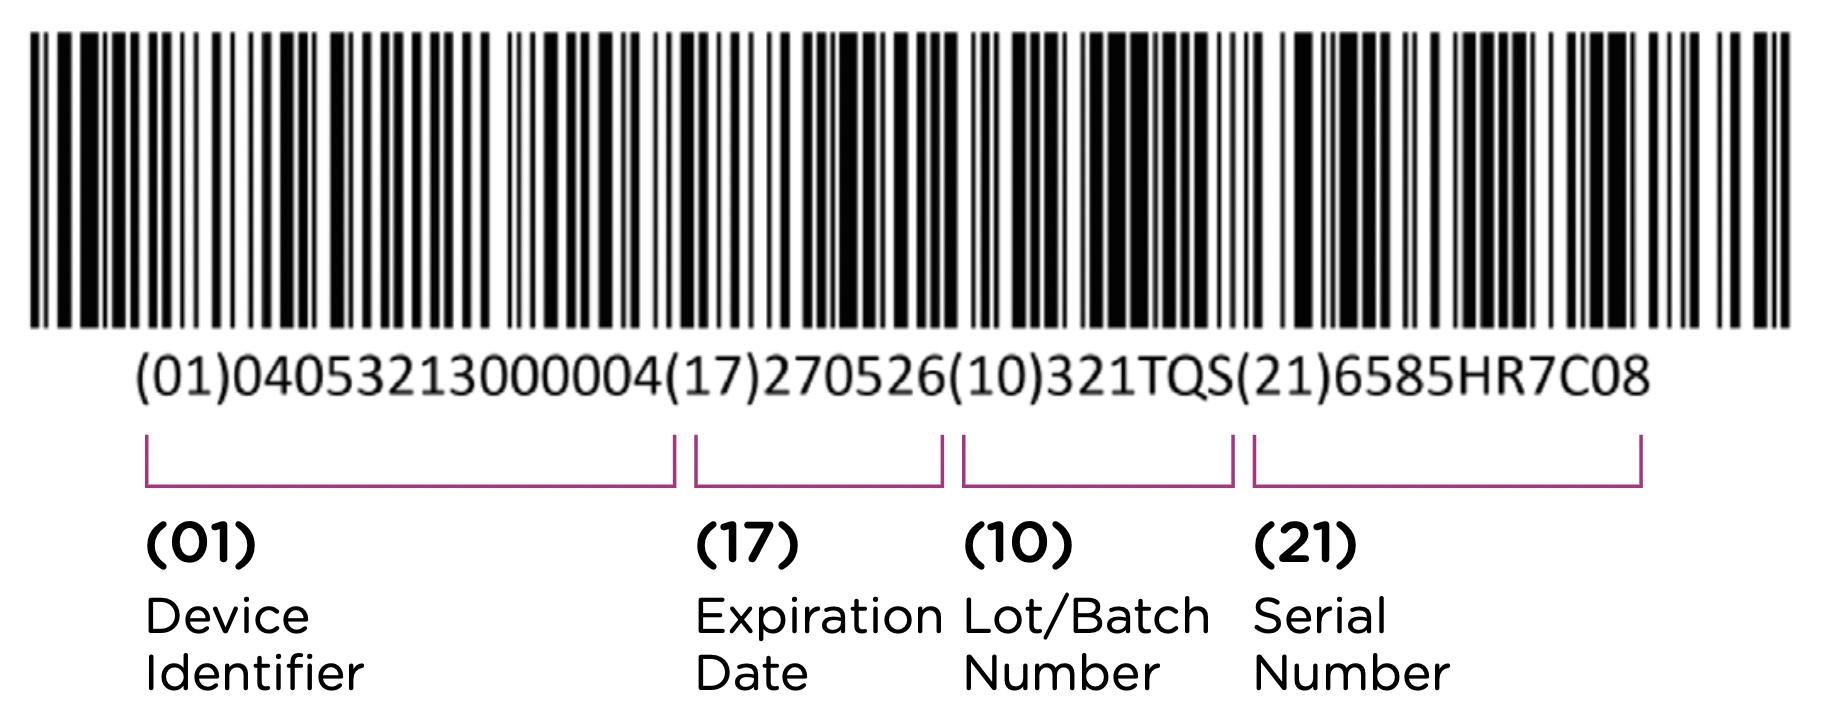 UDI Code Details